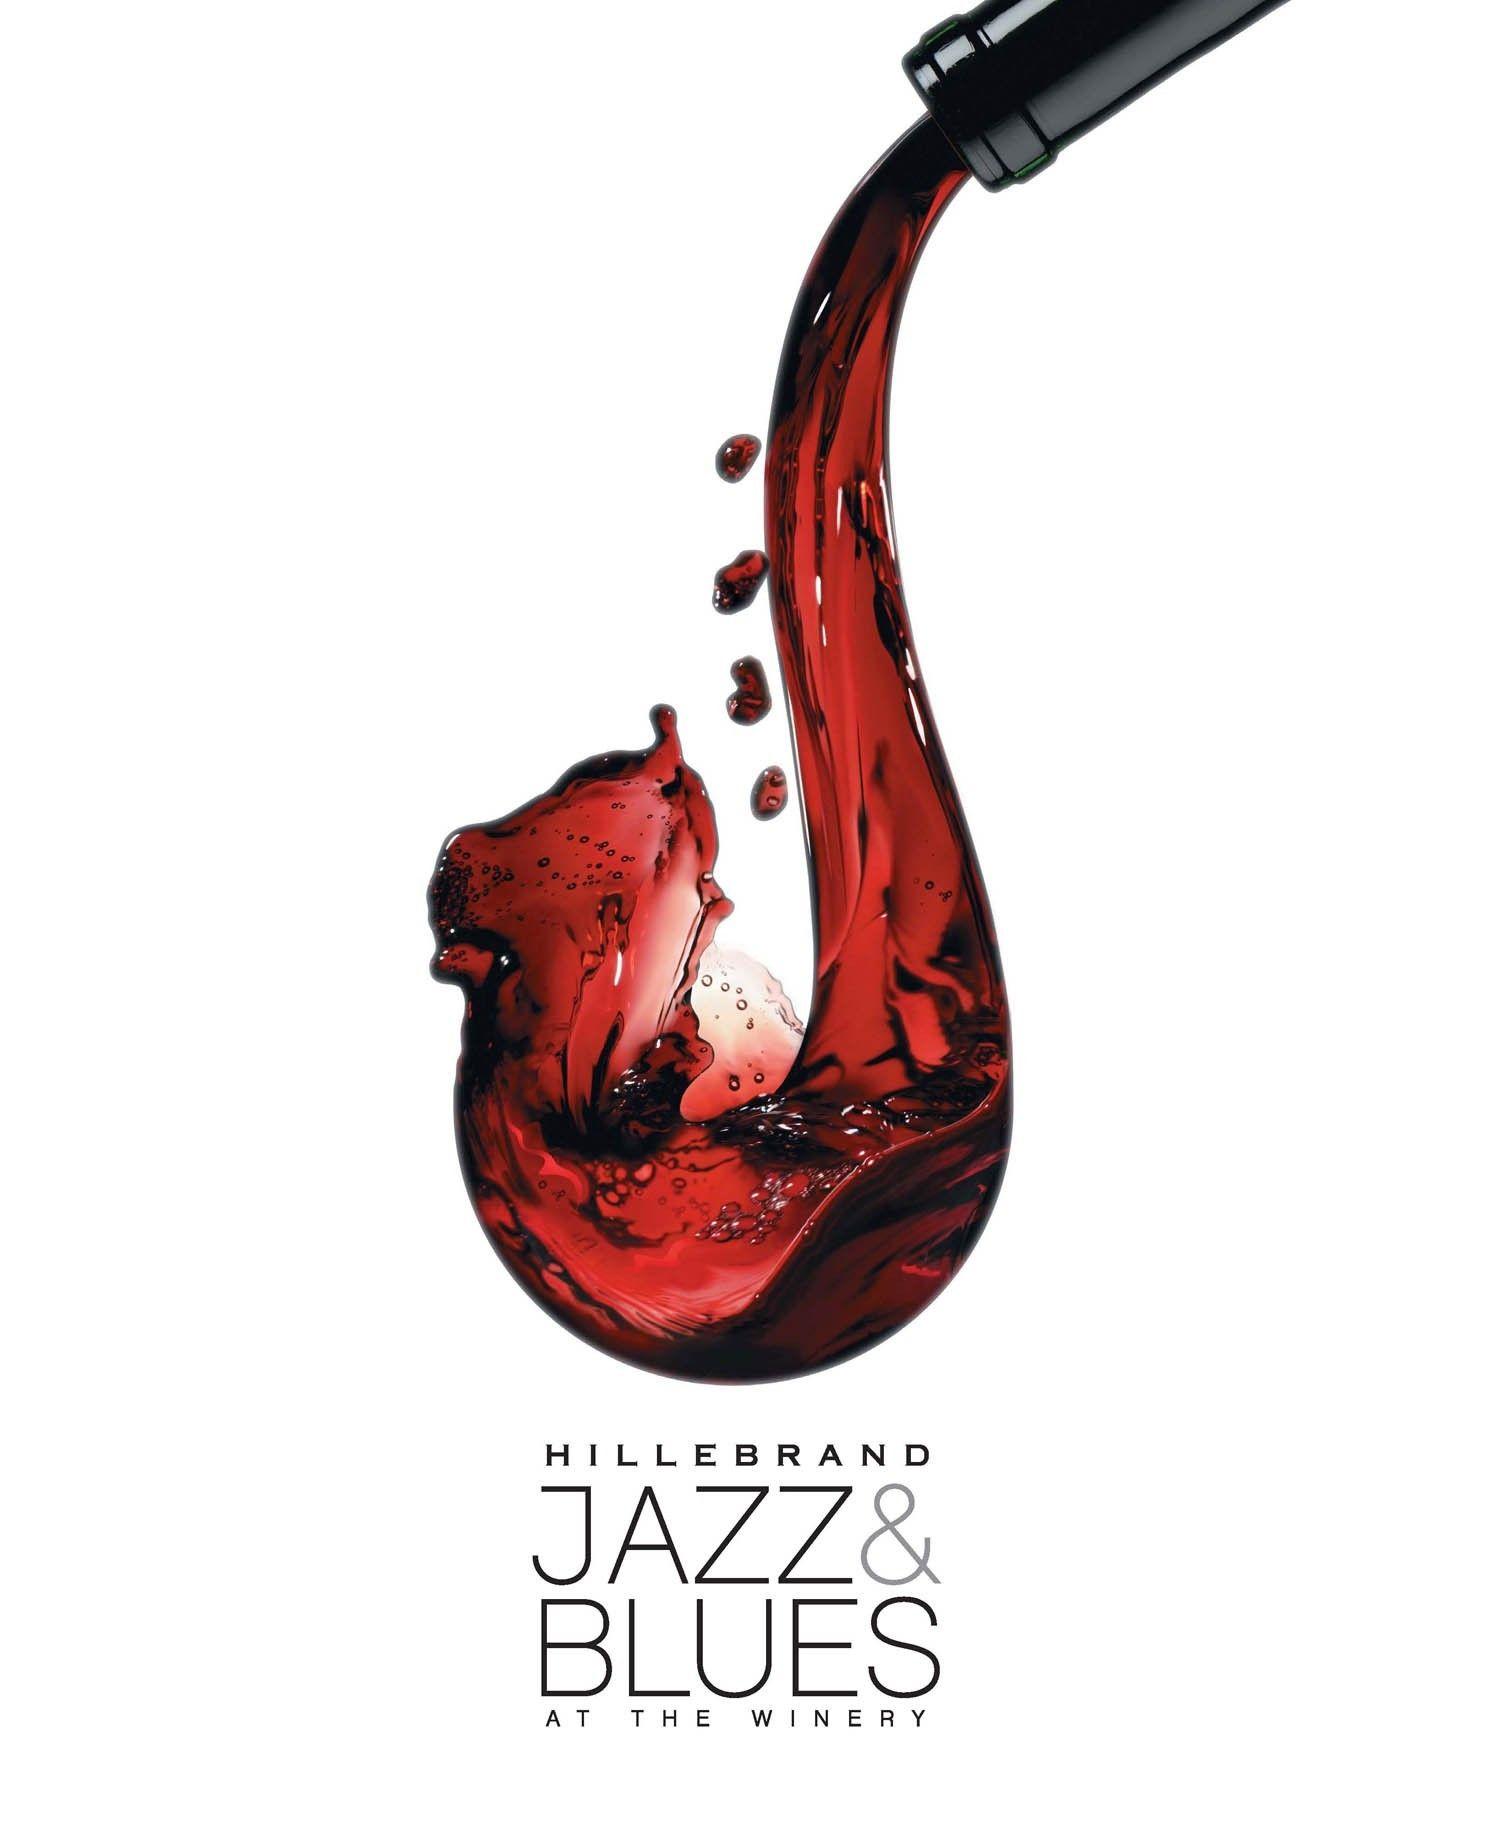 Jazz Logo Cerca Con Google Disenos De Unas Logotipos De Diseno Grafico Diseno Grafico